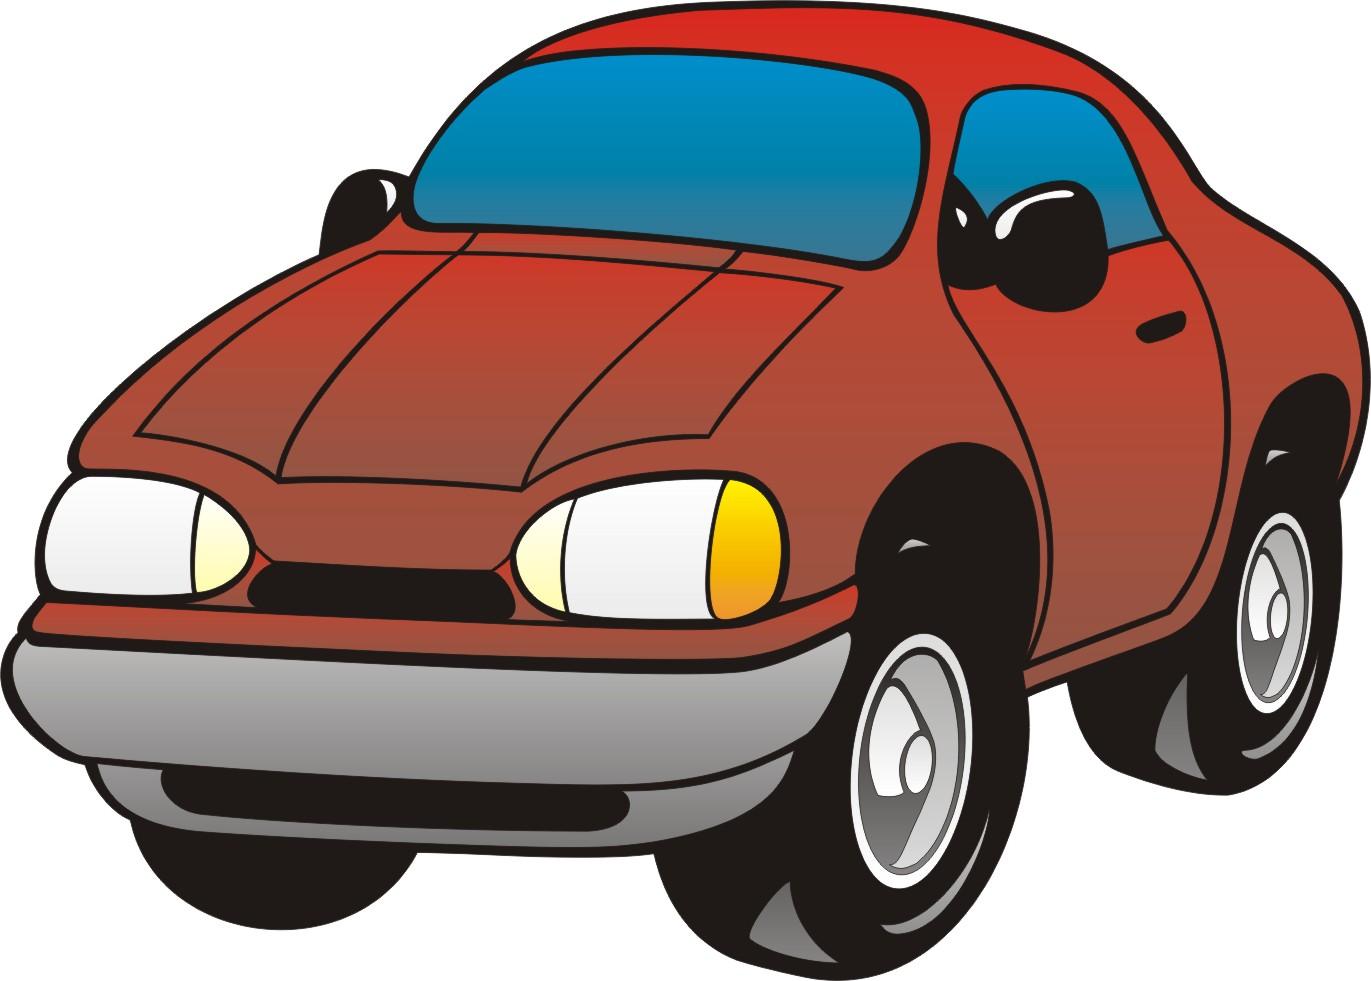 car clipart games - photo #23